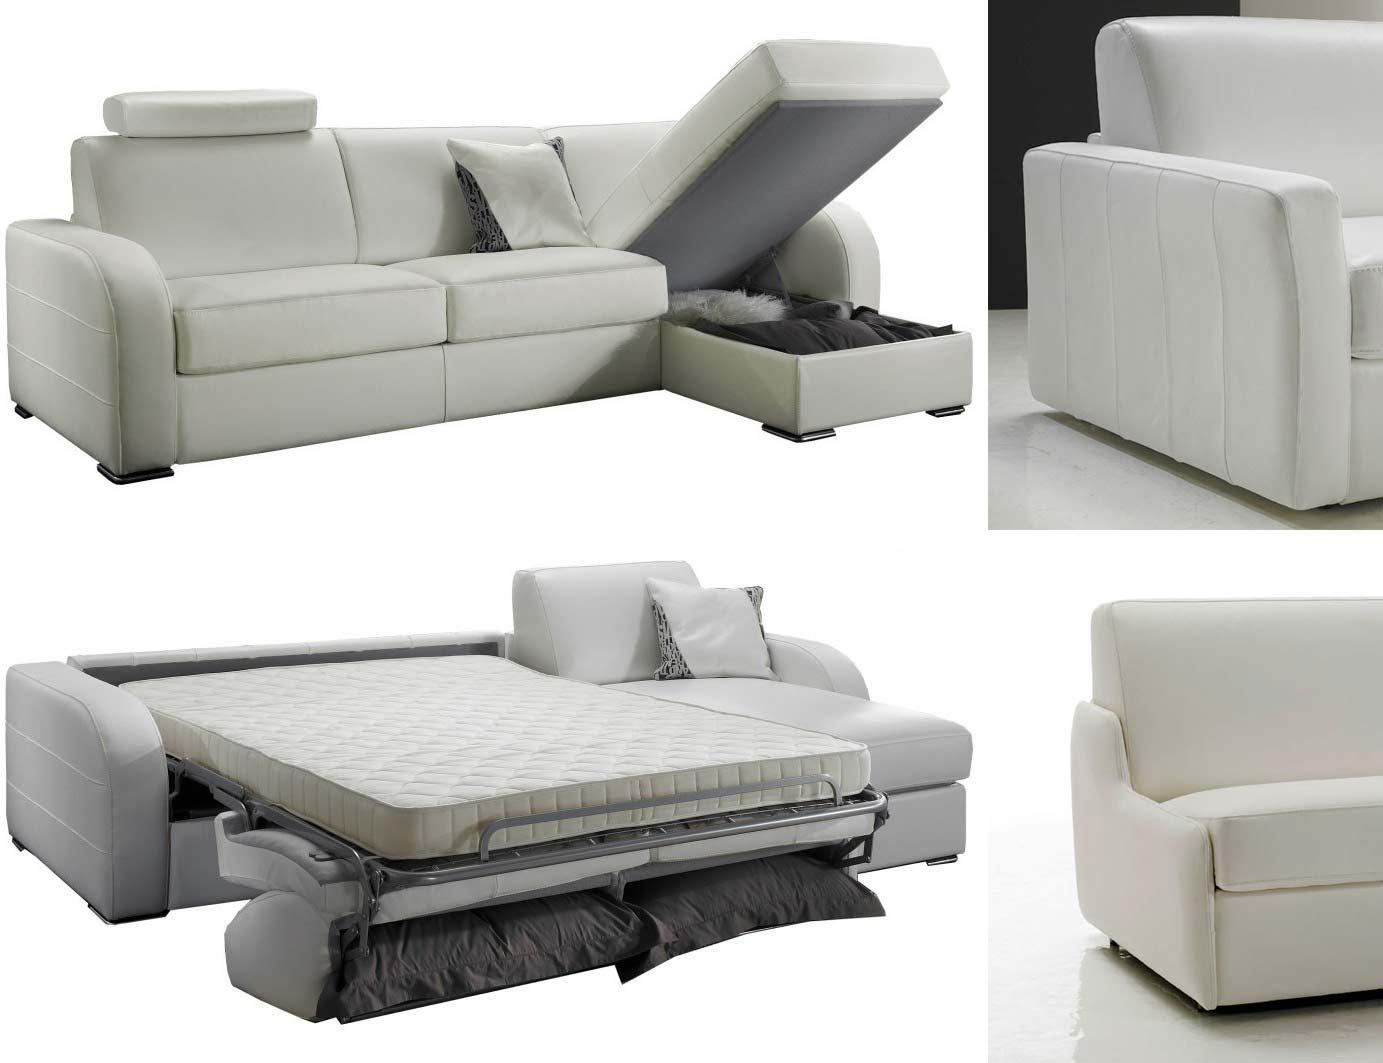 Canapé lit d angle réversible 5 places lit 140 cm